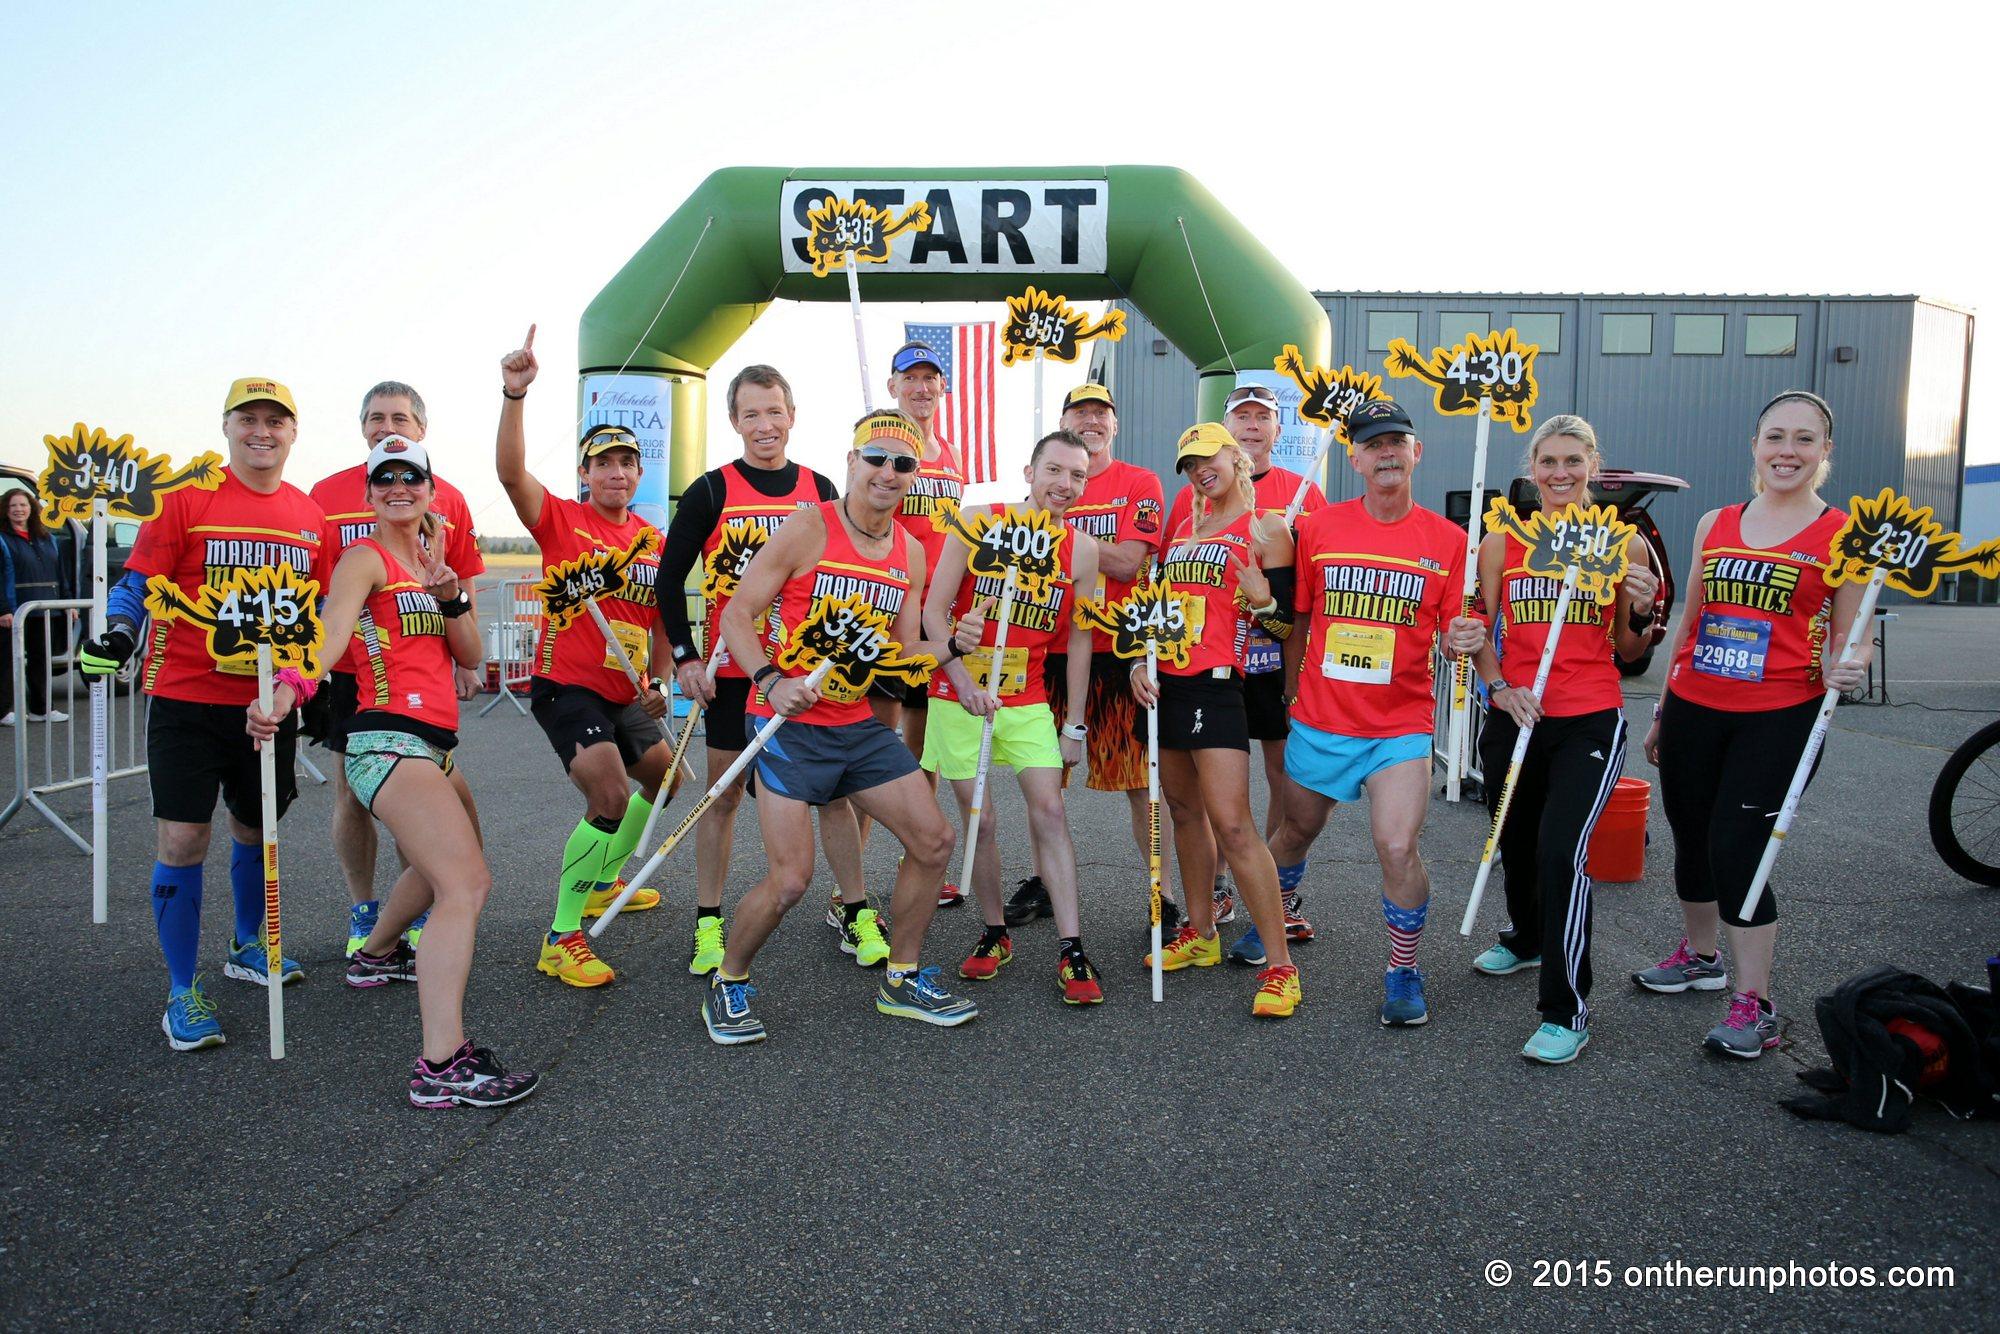 Half marathon fanatics criteria